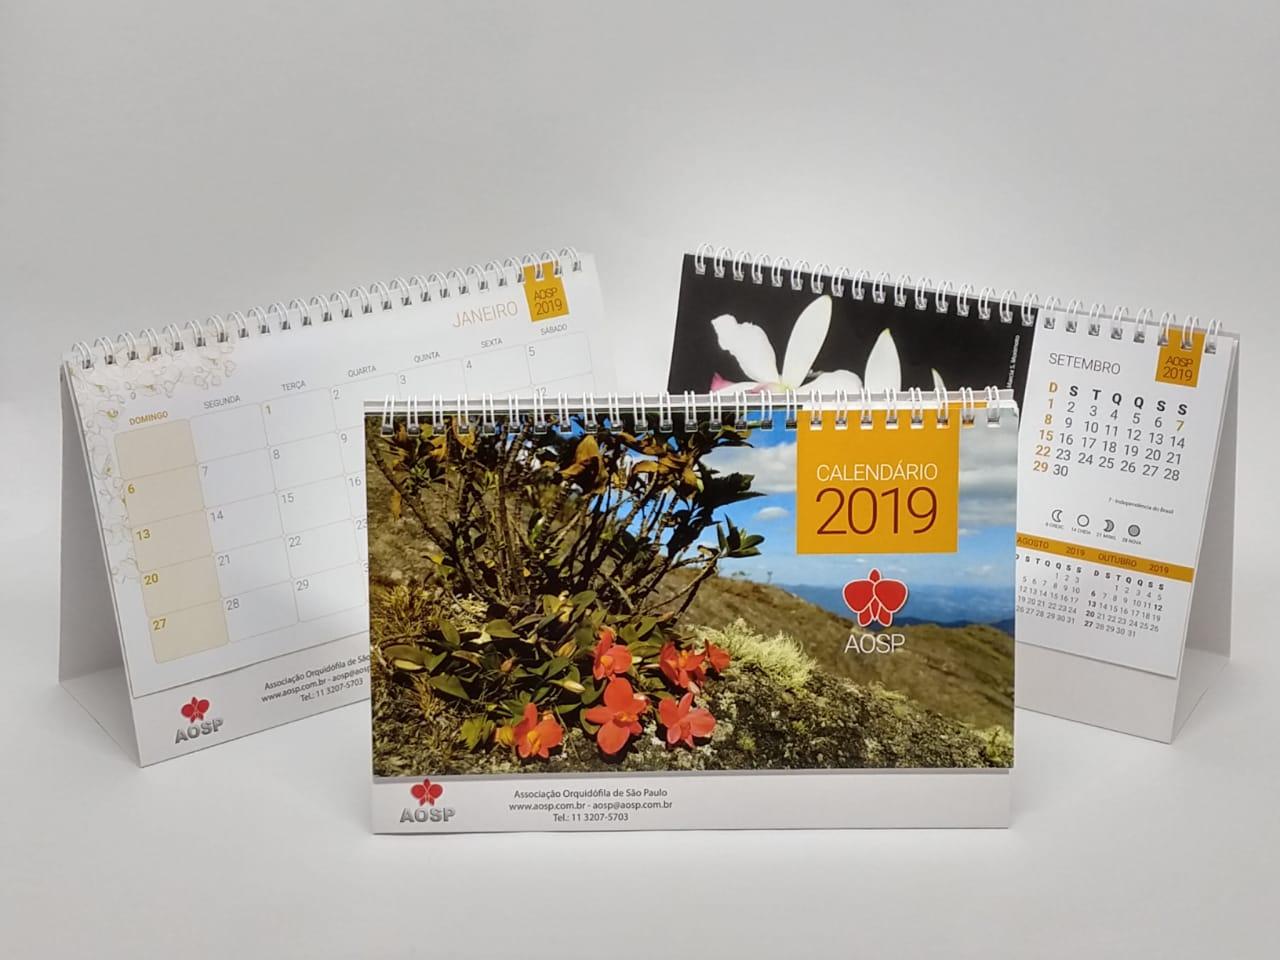 Calendário AOSP - 2019